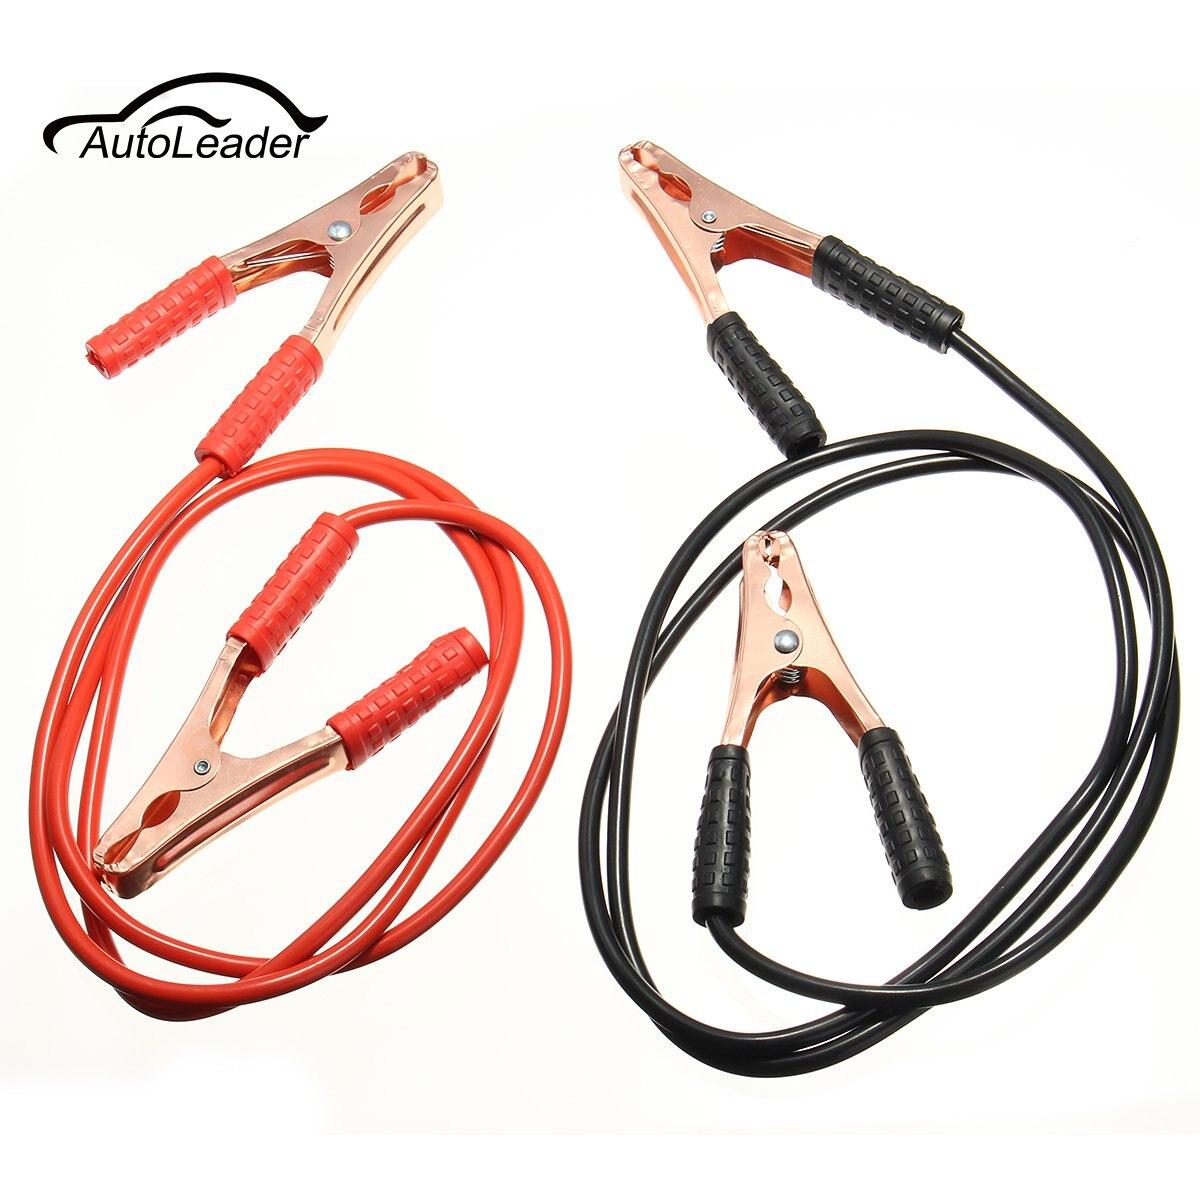 Une Paire Noir Rouge 2 M 500AMP Auto Batterie Ligne D'urgence câble Fil De Cuivre Ligne Câble Clip Puissance De Charge Jump Start conduit